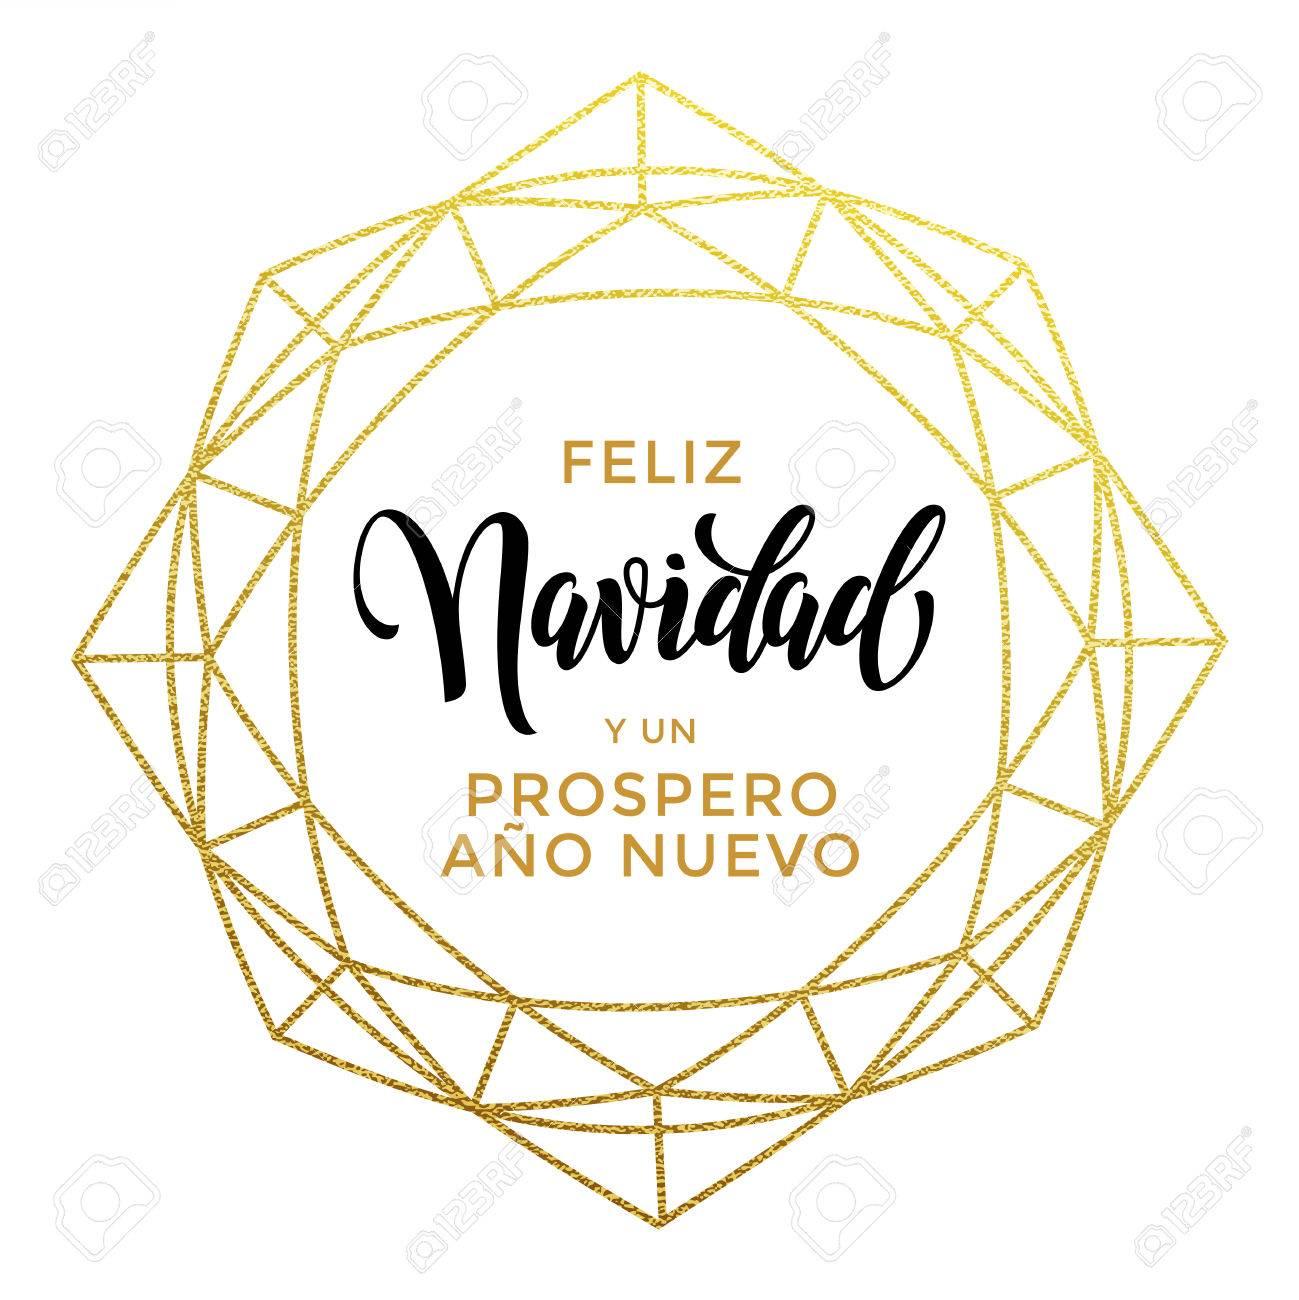 Spanish Merry Christmas Card Feliz Navidad Y Prospero Ano Nuevo